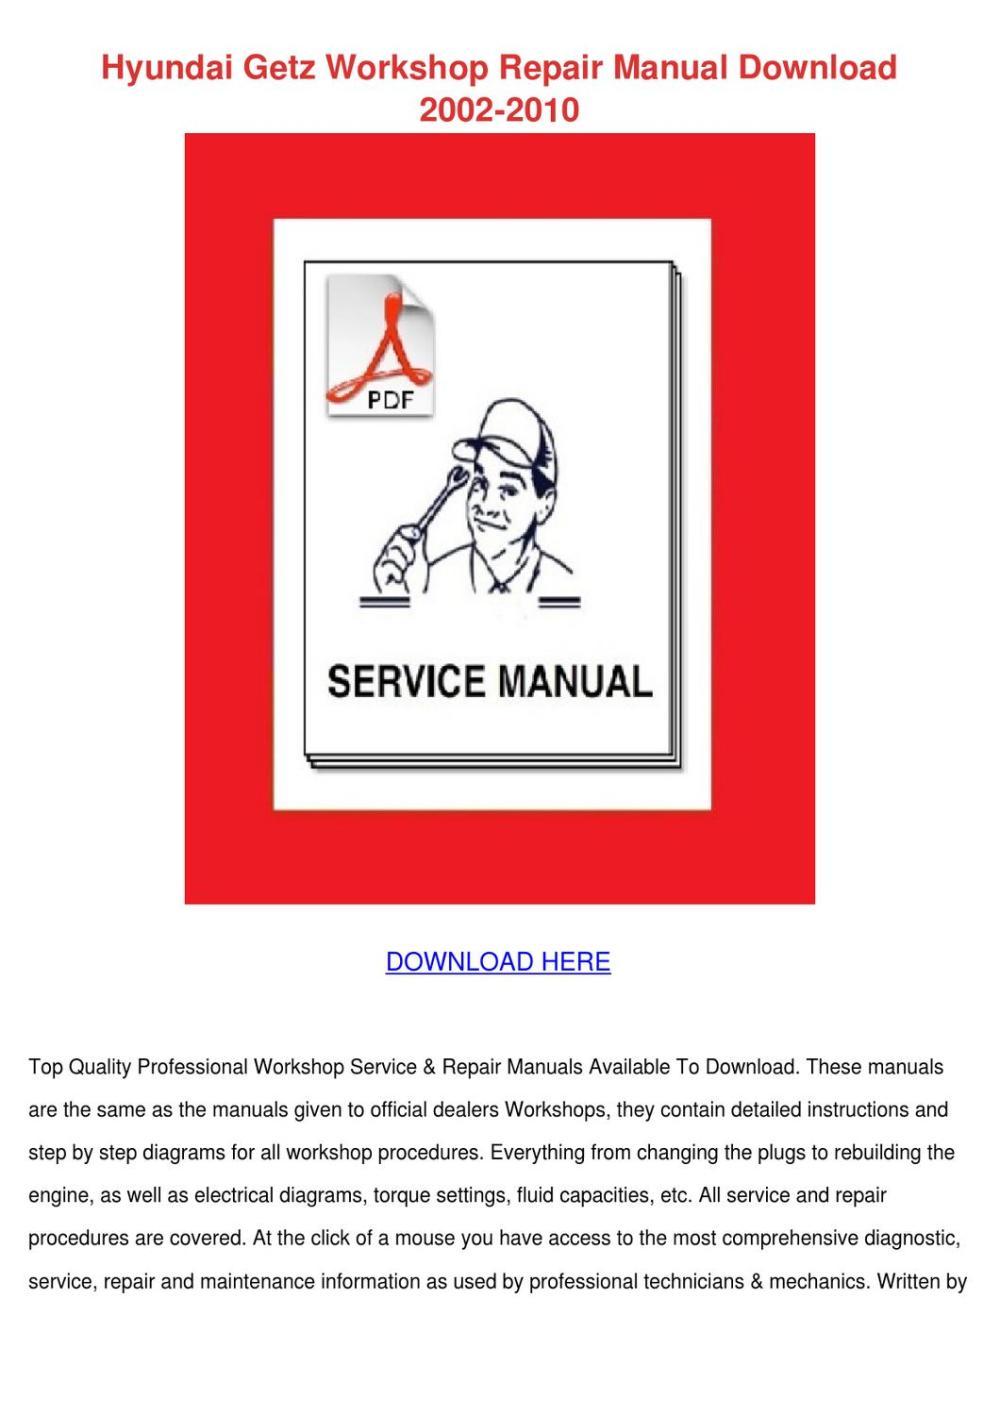 medium resolution of hyundai getz workshop repair manual download